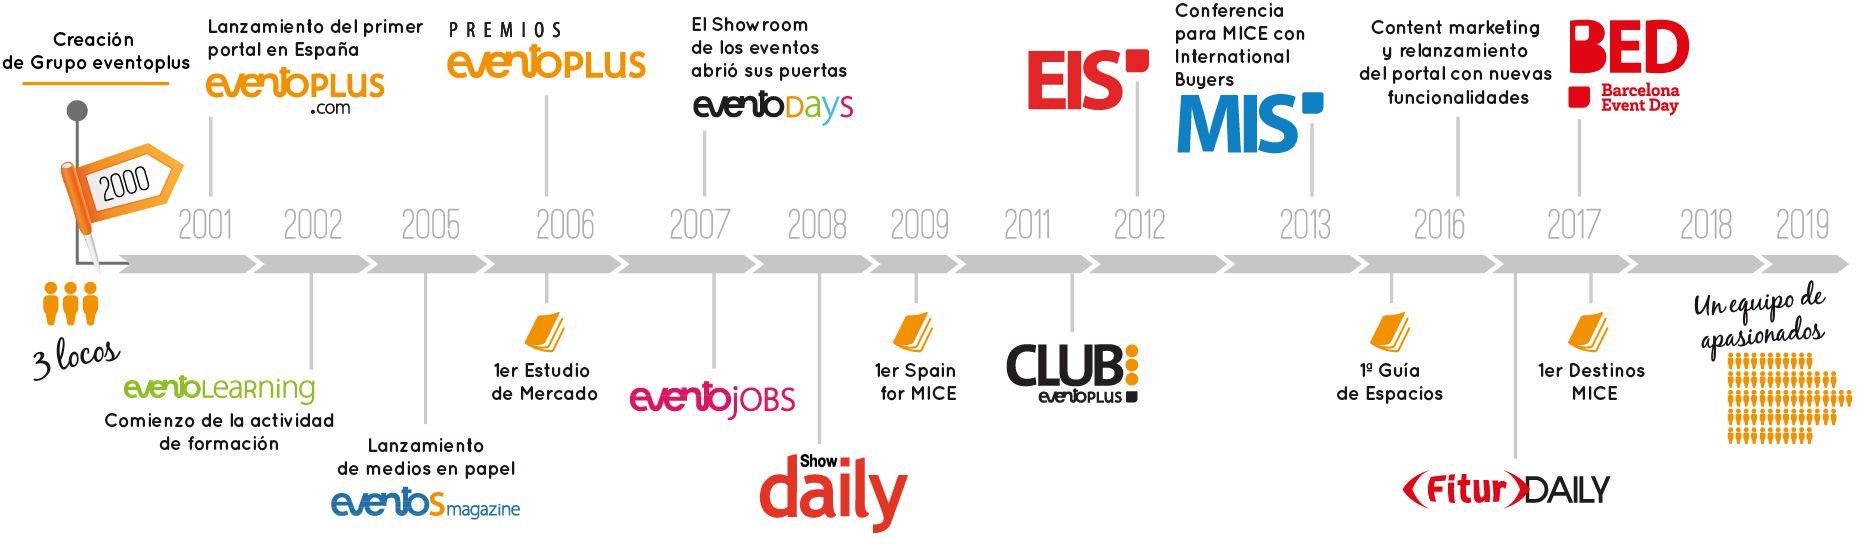 timeline-web0819-S